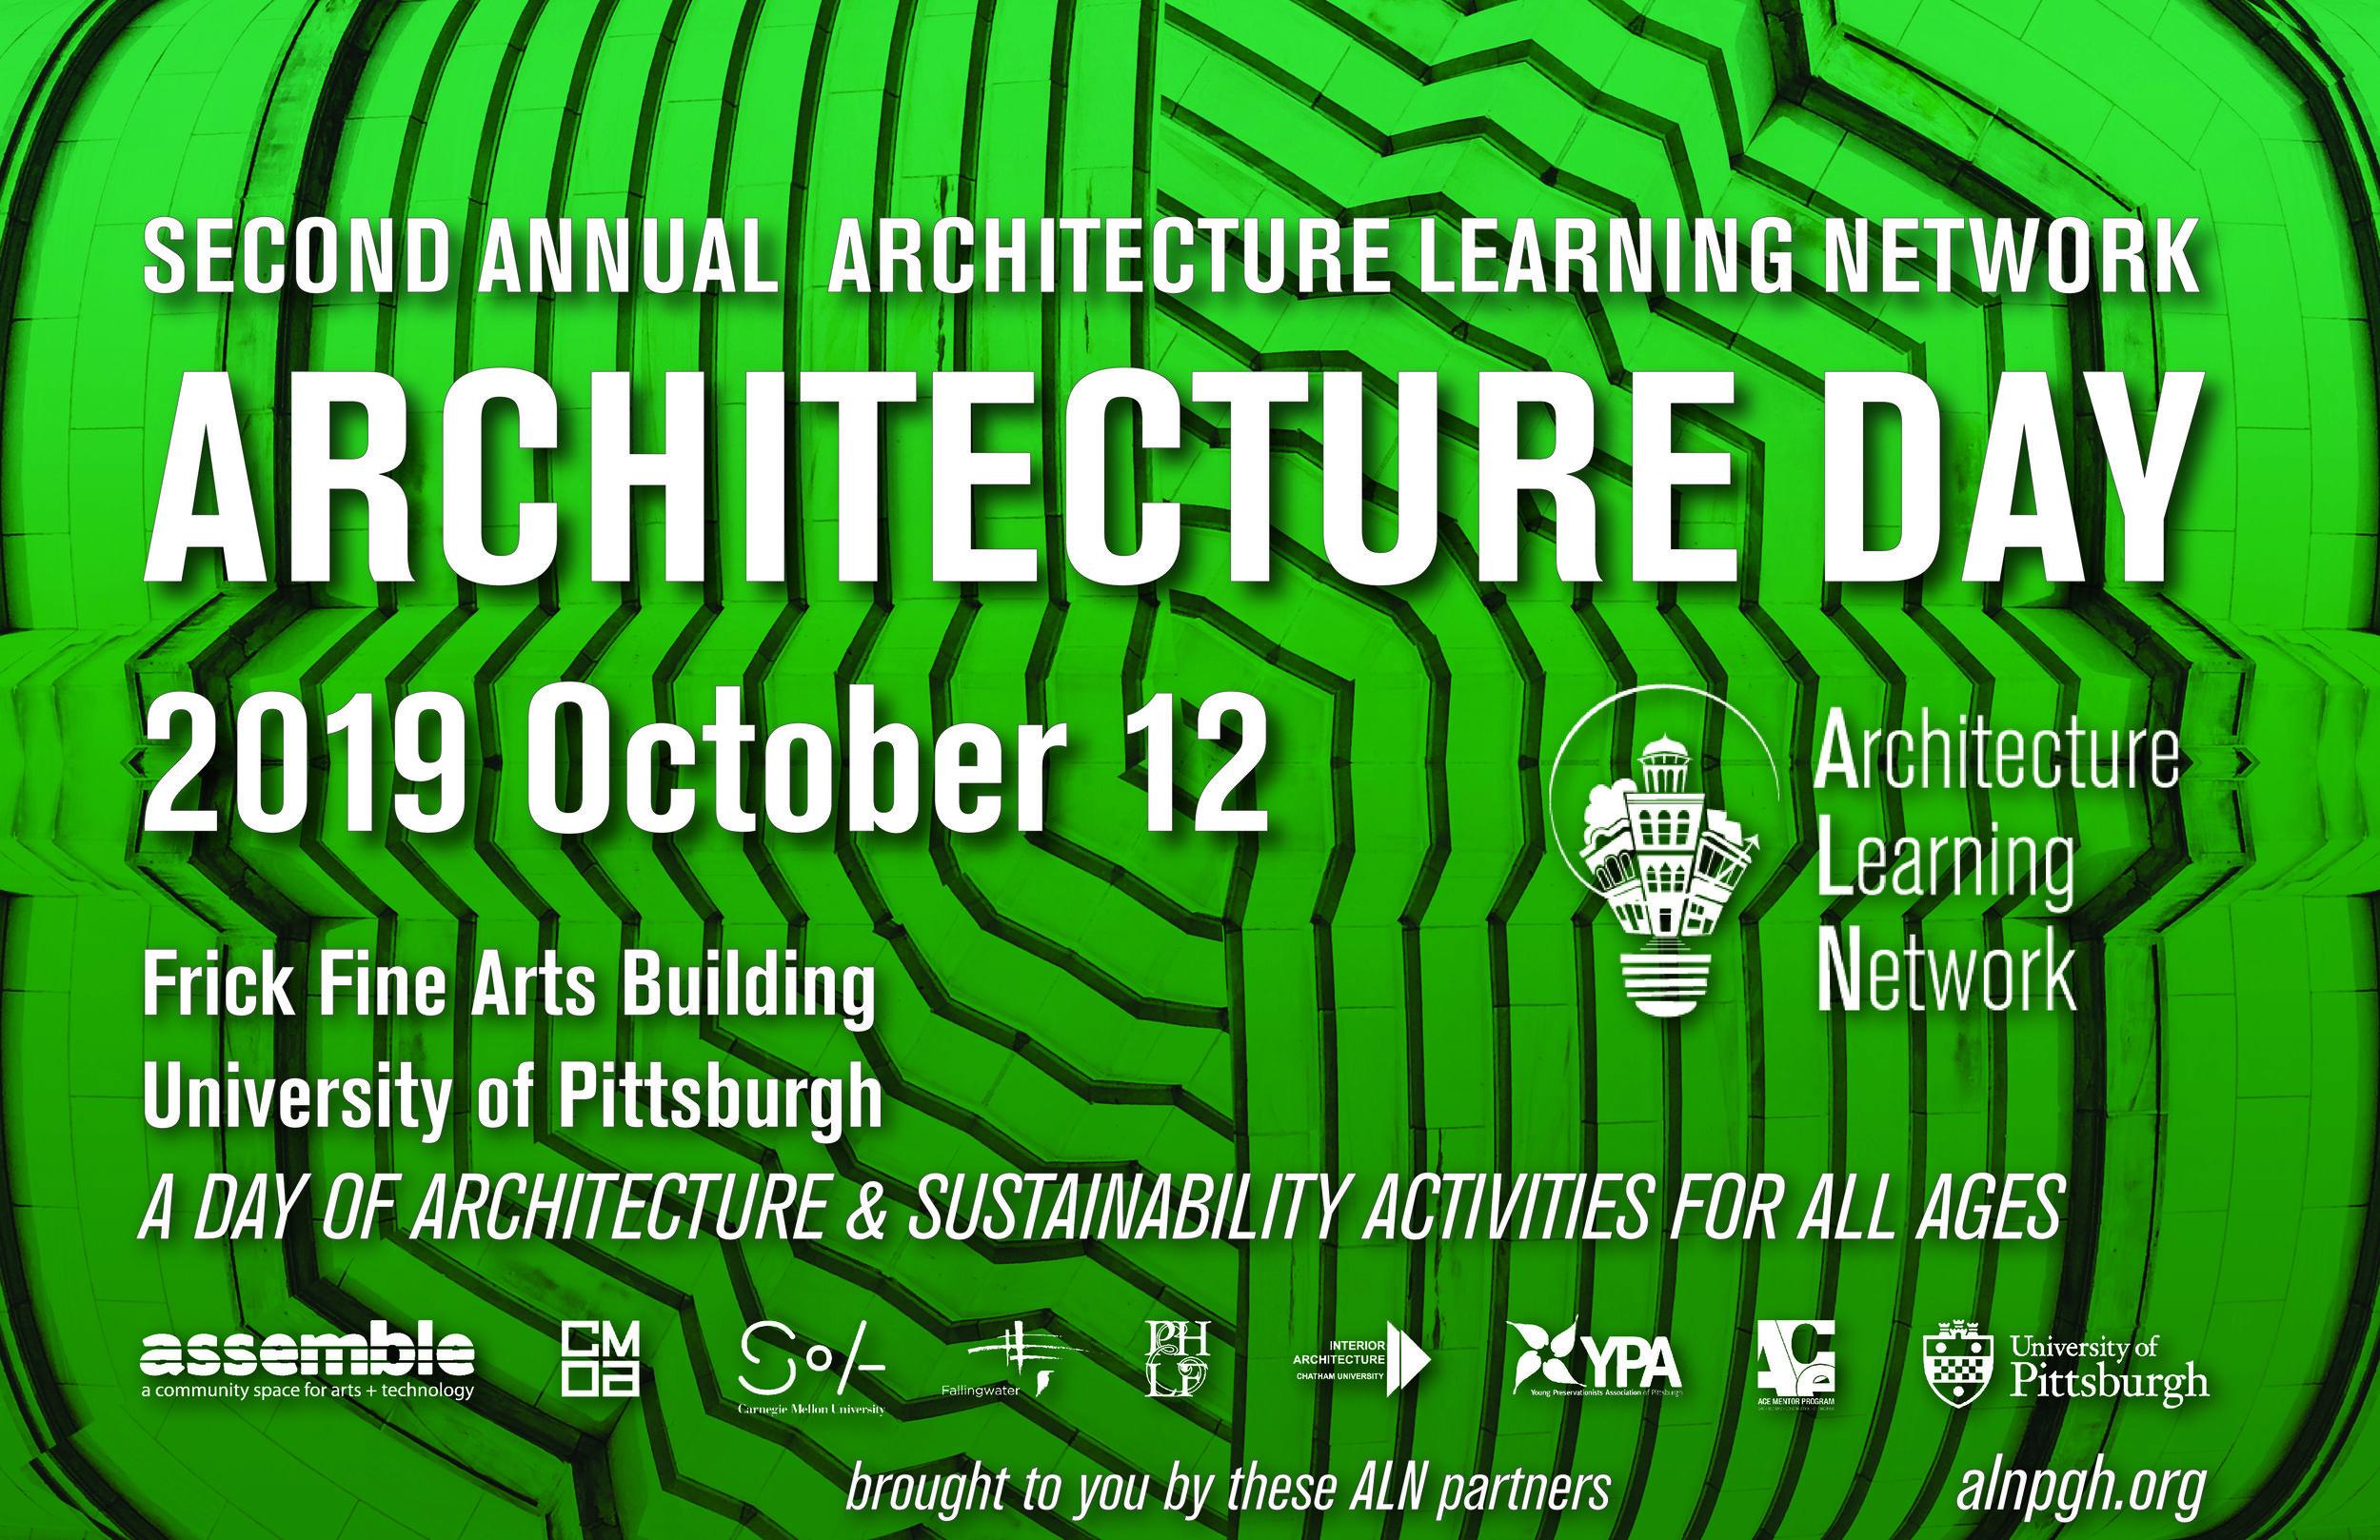 ArchitectureDay2019-01.jpg